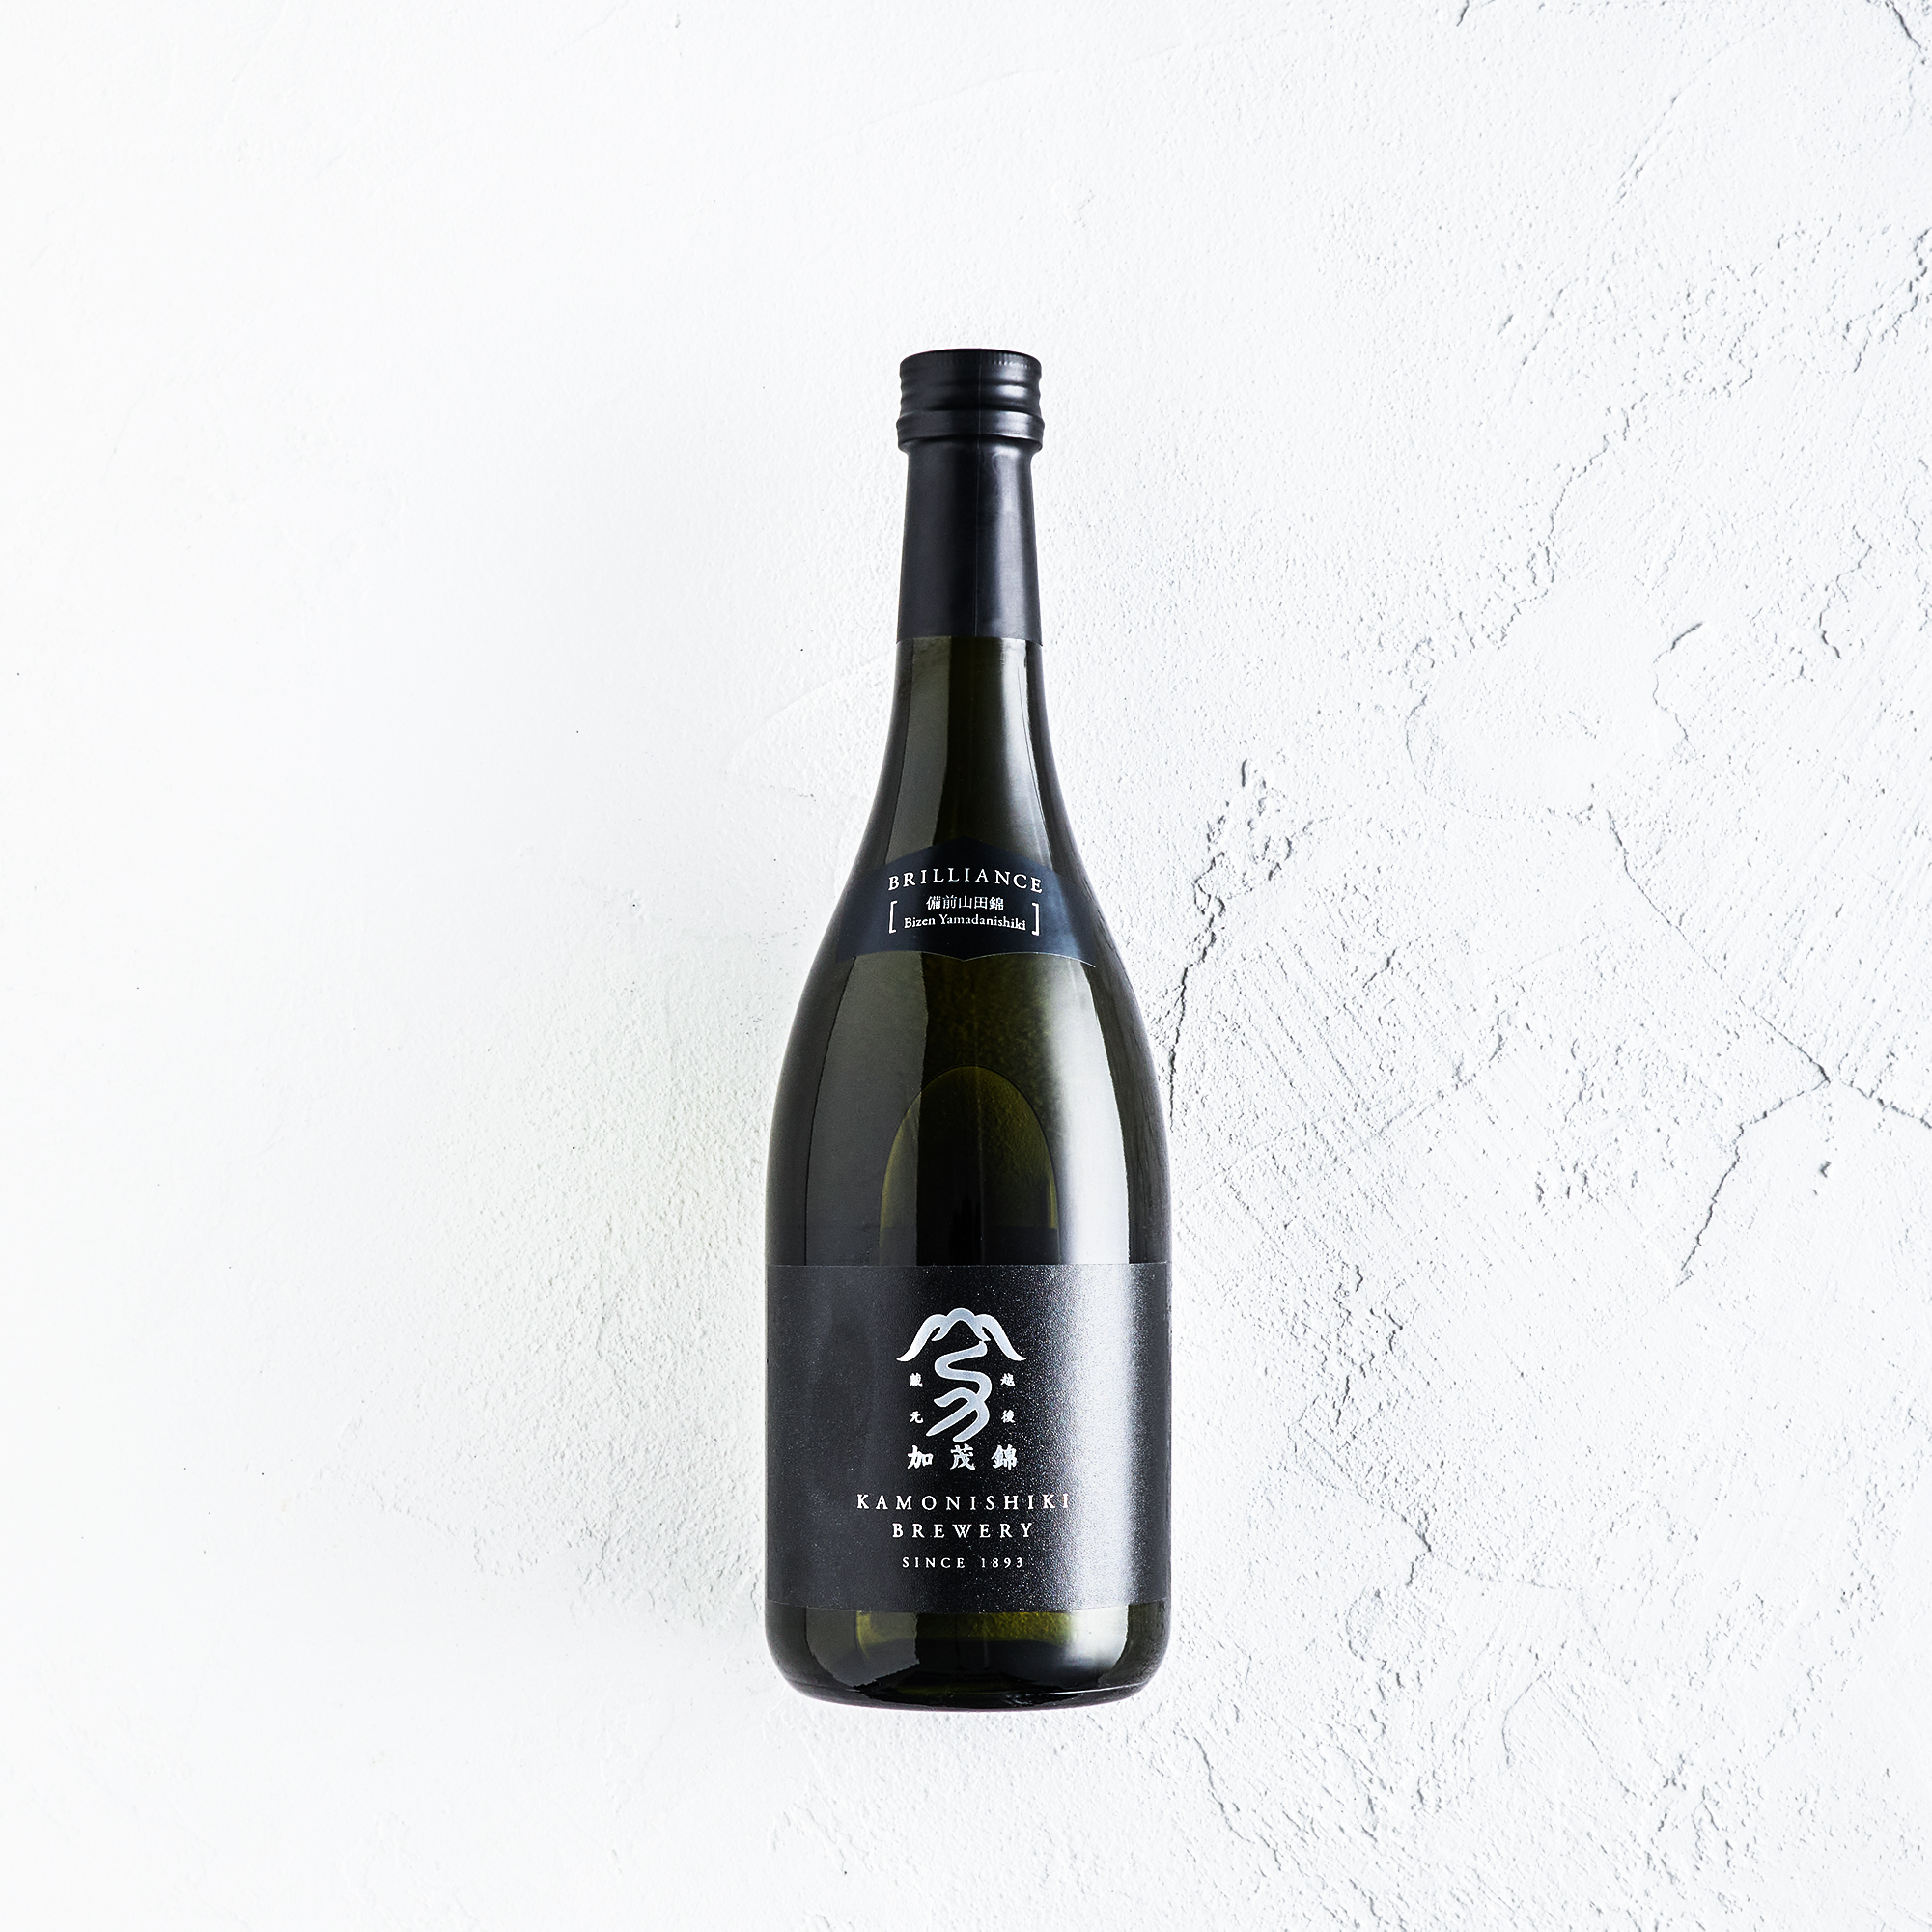 加茂錦 BRILLIANCE 備前山田錦 無濾過生原酒 720ml